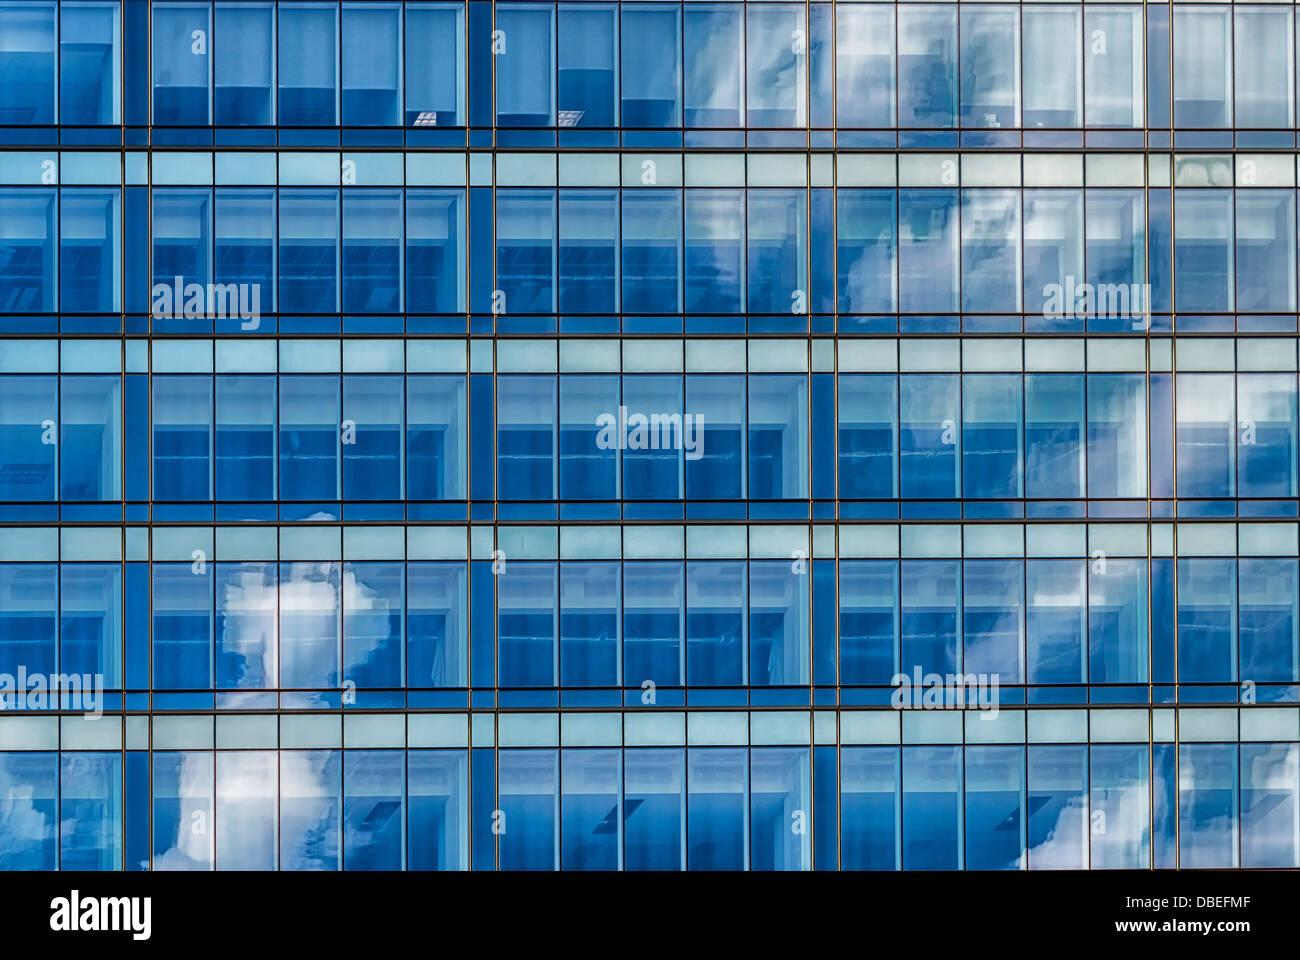 Une ville résumé de droit.la réflexion des nuages dans une grille d'architecture d'un bâtiment moderne Banque D'Images